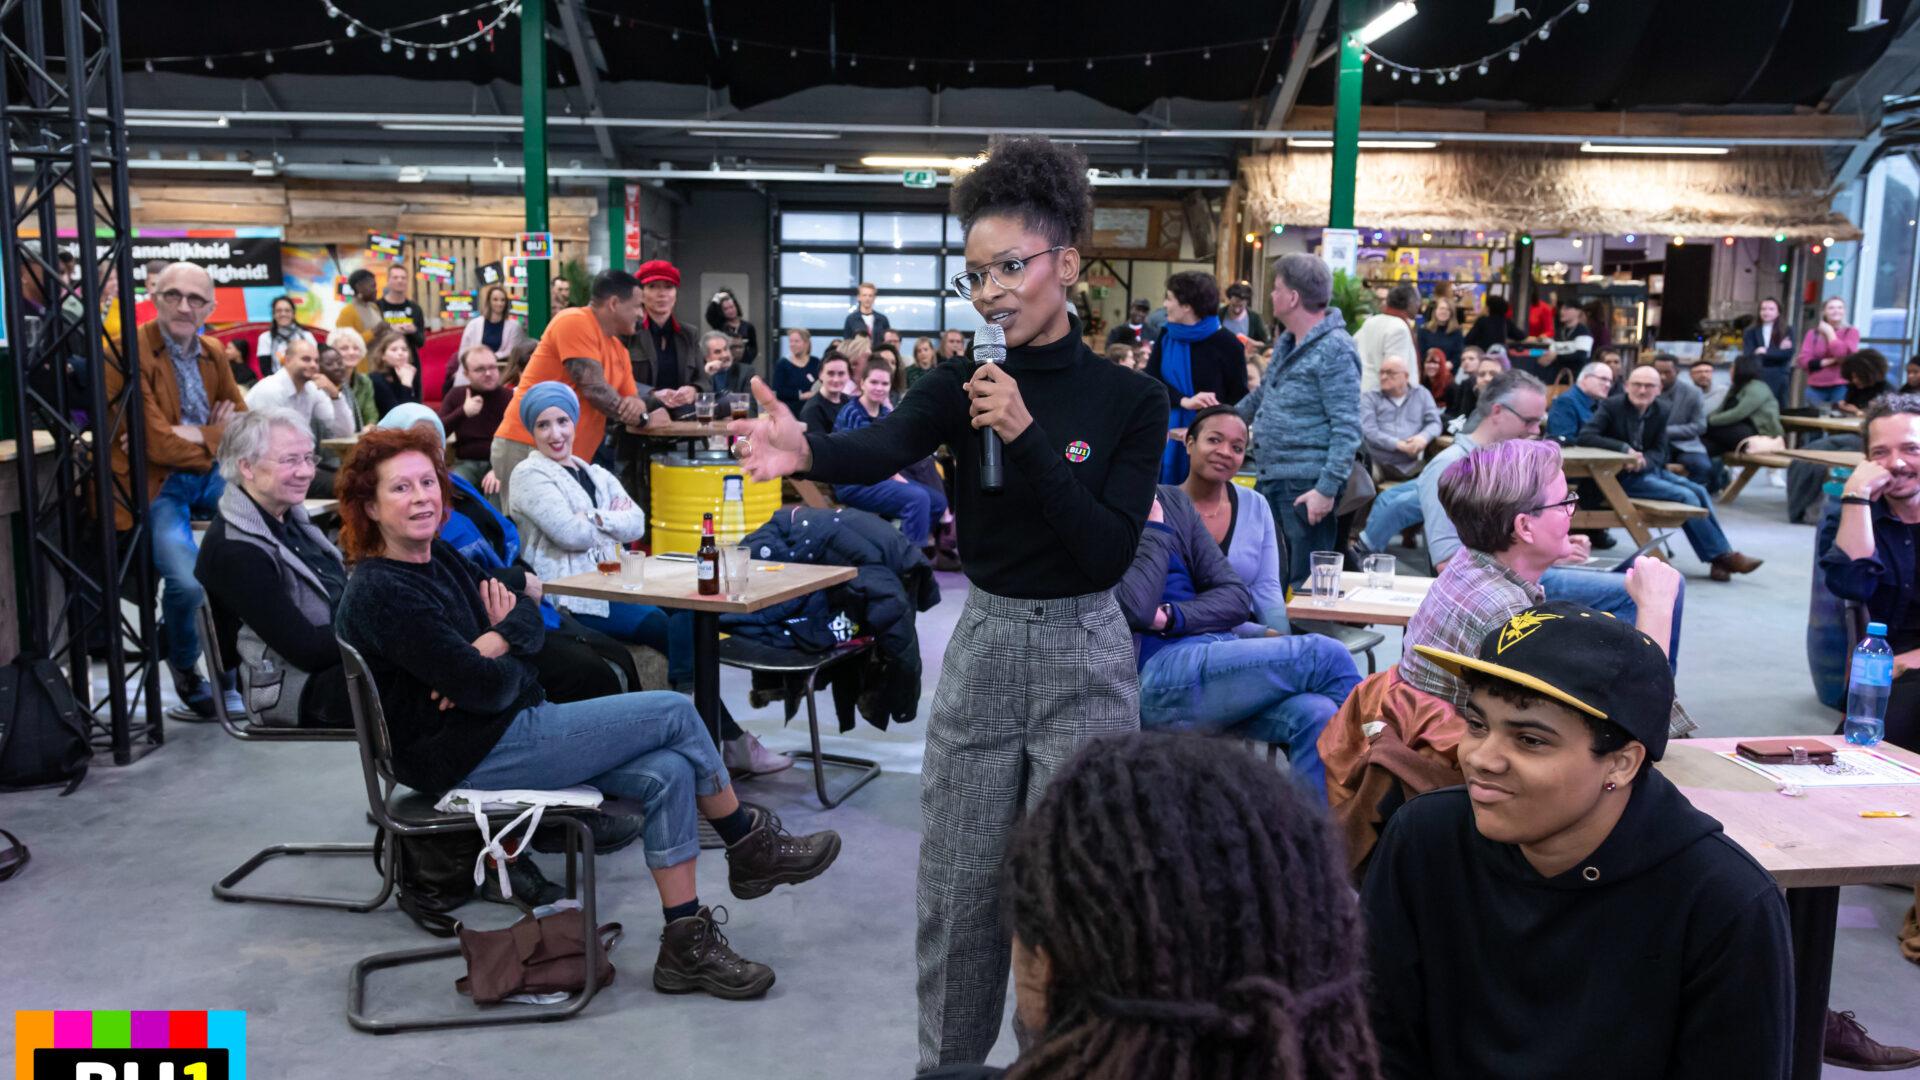 Sylvana Simons, zwarte vrouw met haar krullende haar opgestoken, spreekt in een microfoon die ze vasthoudt, terwjl ze haar andere hand uitnodigend uitsteekt. Ze staat temidden van een ruimte waar veel mensen zitten aan tafeltjes. Het ziet er feestelijk uit.